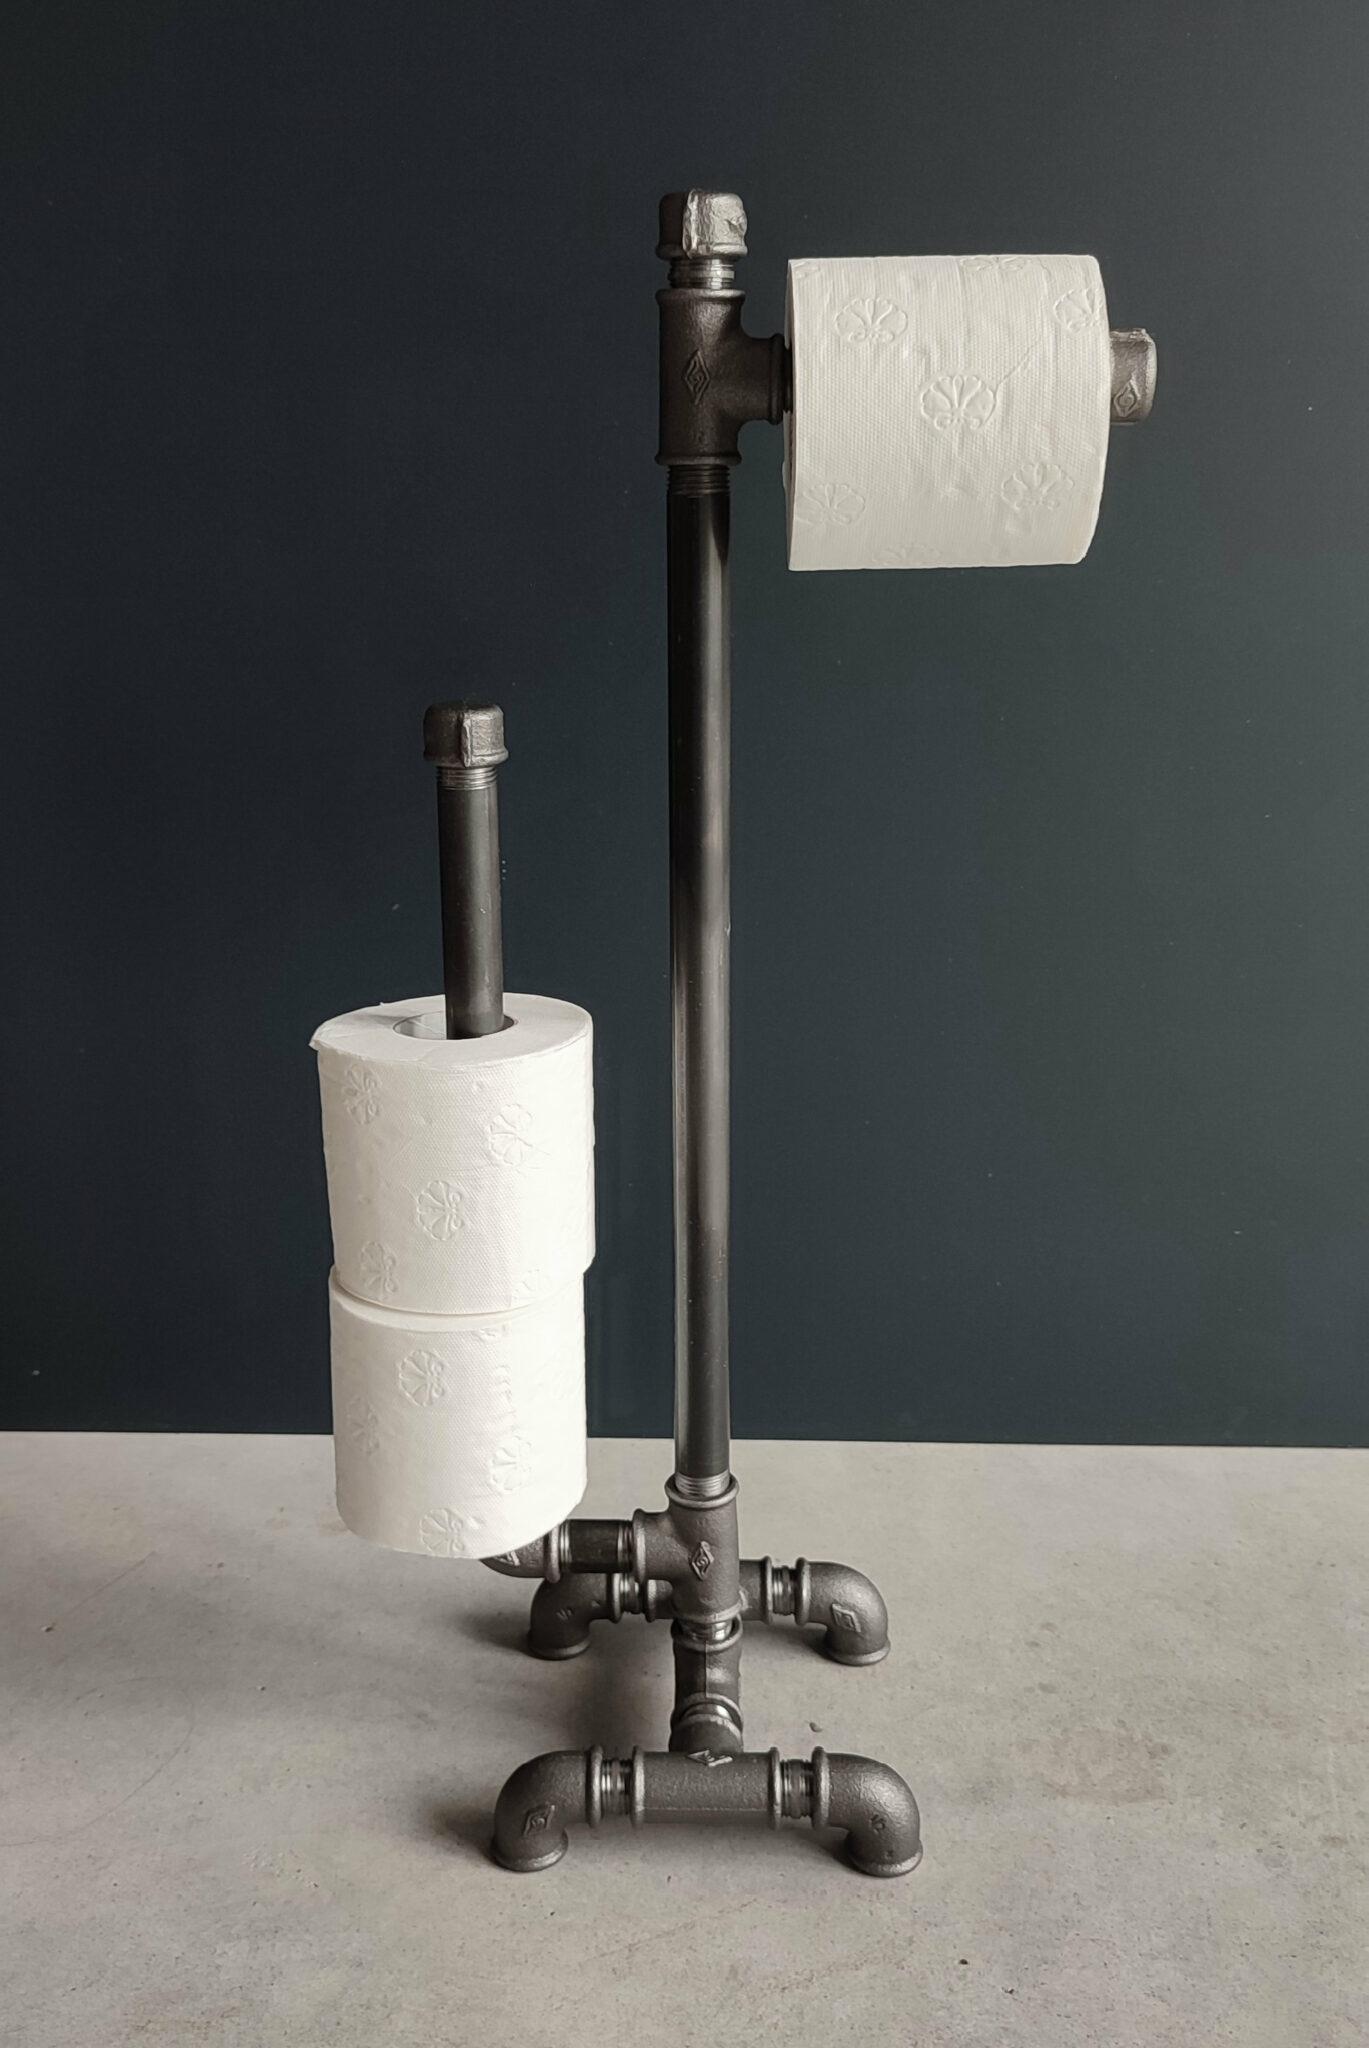 Porte rouleau wc sur pied – MCFK0160000W1